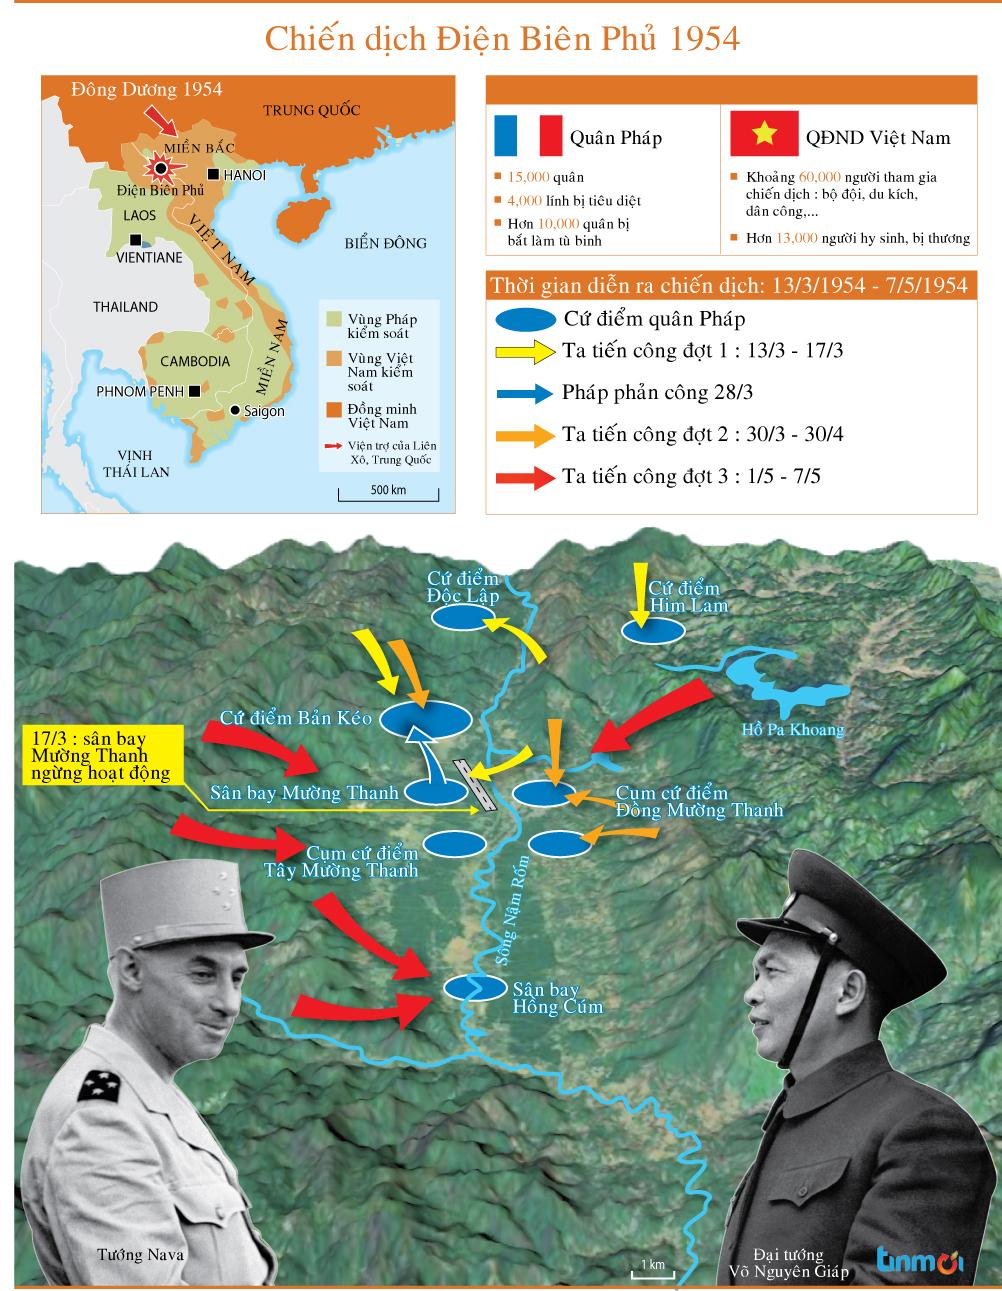 Diễu binh kỷ niệm 60 năm chiến thắng Điện Biên Phủ 6